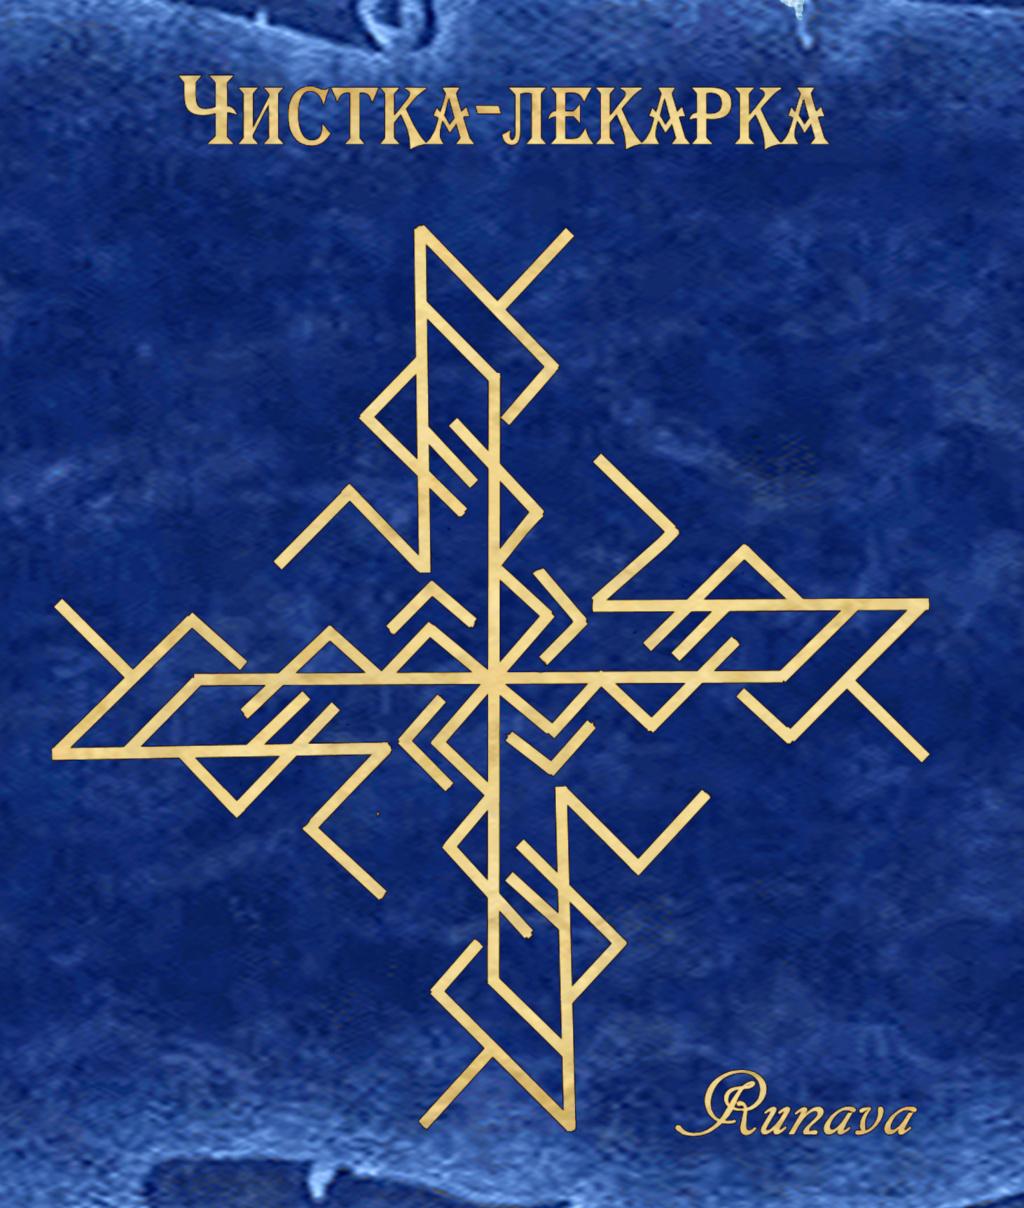 «ЧИСТКА-ЛЕКАРКА » (1 и 2) автор Runava Aa-a_511